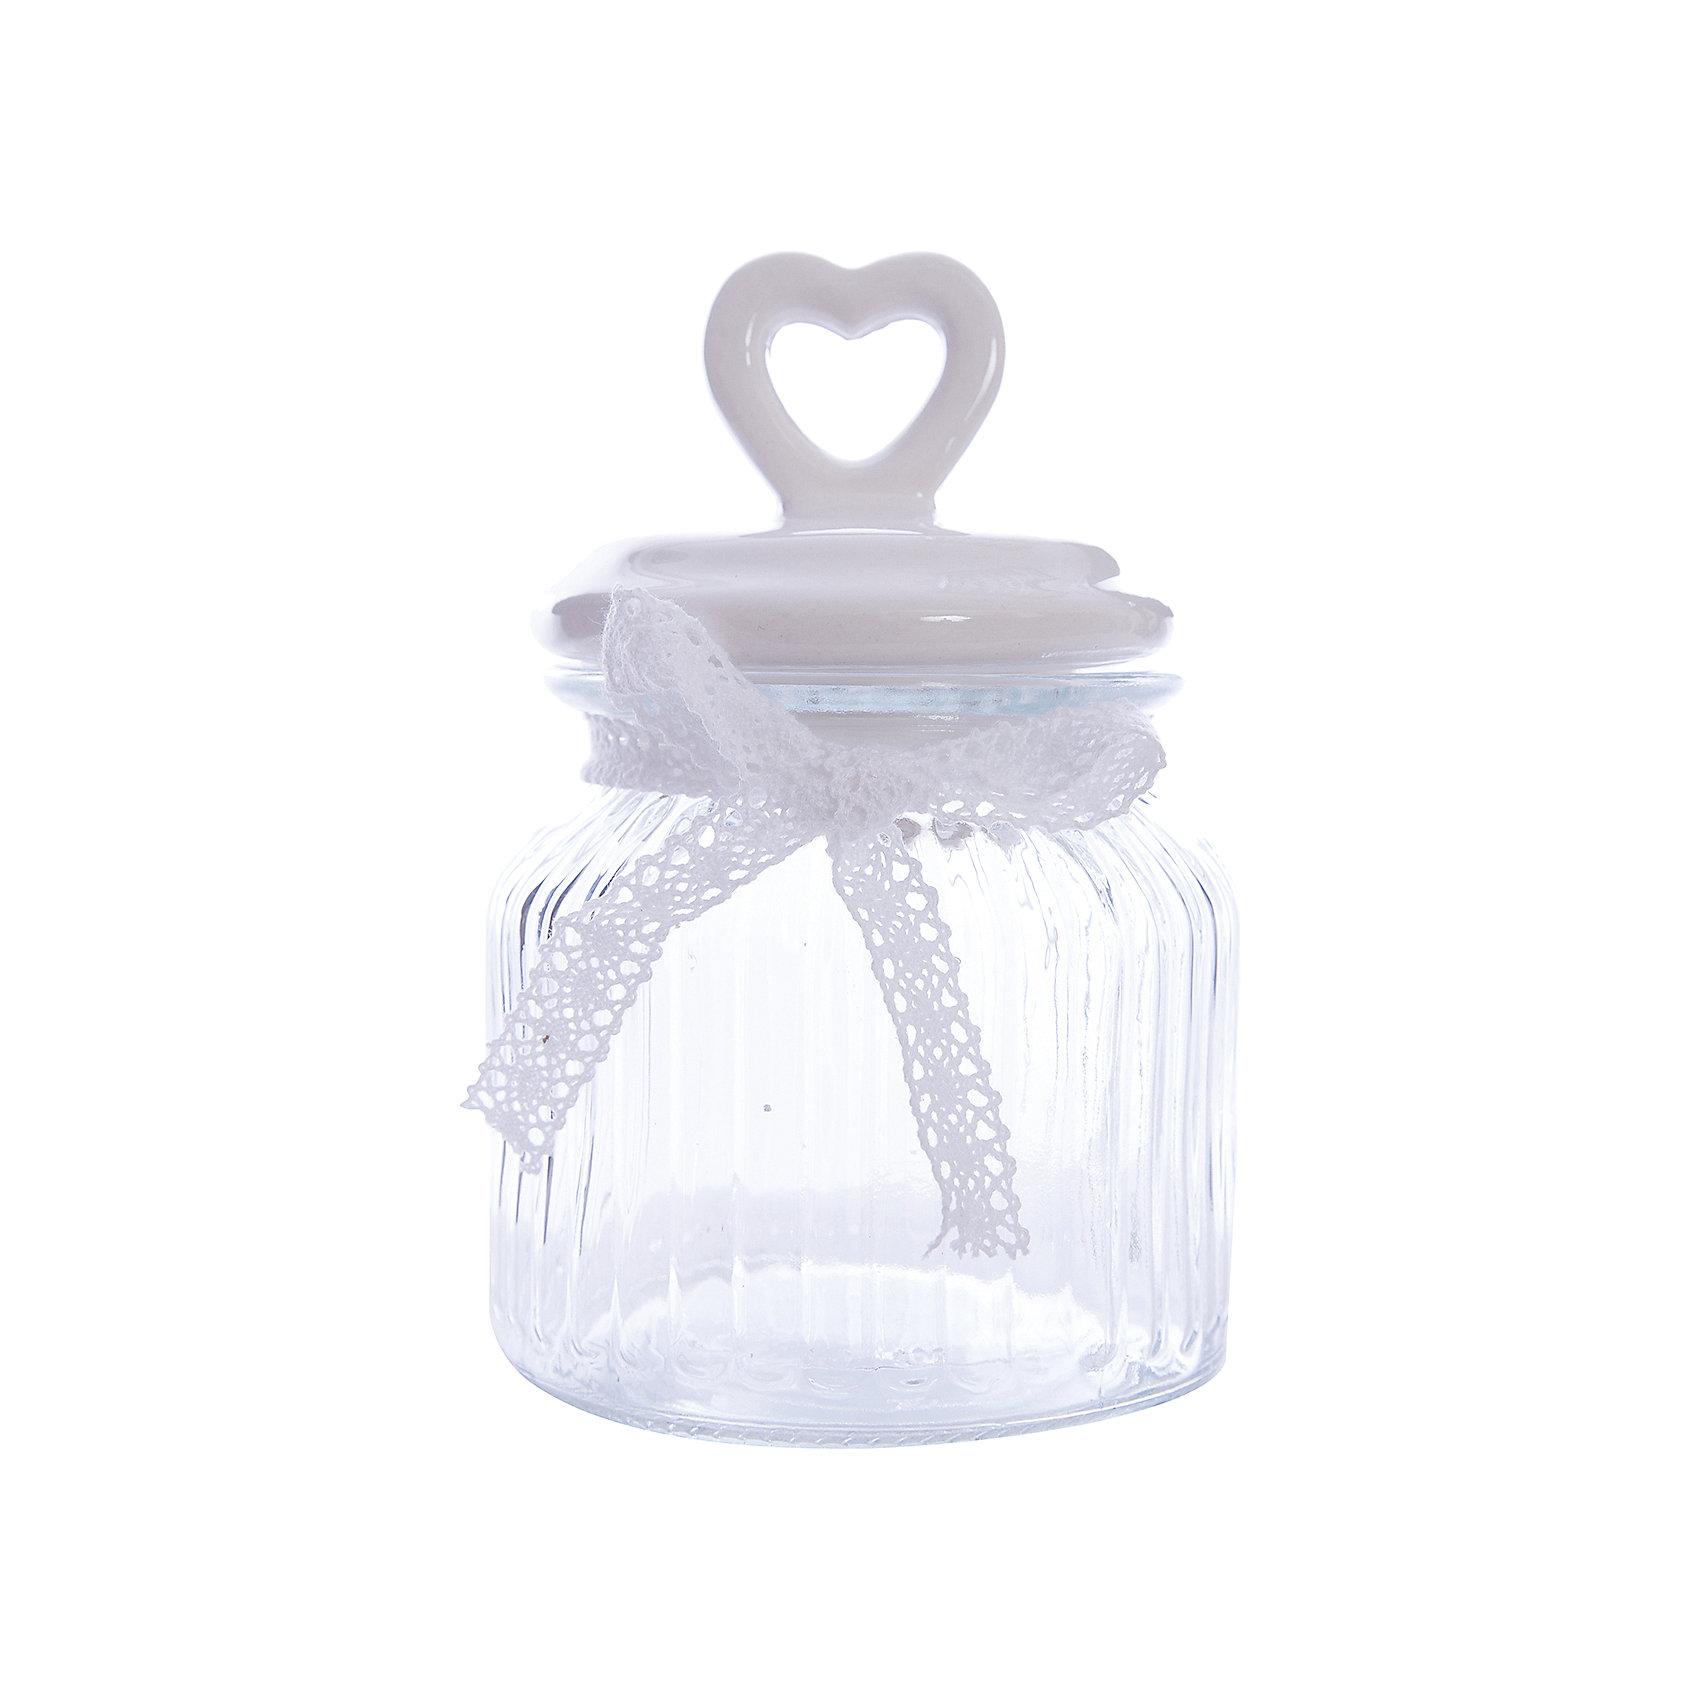 Стеклянная ёмкость для продуктов Белое сердце, объем 600 мл., Феникс-ПрезентПосуда<br>Стеклянная ёмкость для продуктов Белое сердце, объем 600 мл., Феникс-Презент<br><br>Характеристики:<br><br>• ёмкость для продуктов с керамической крышкой<br>• объем: 600 мл<br>• материал: стекло, керамика, текстиль<br>• размер: 11,4х11,4х19 см<br><br>Ёмкость для продуктов Белое сердце изготовлено из прочного стекла. Крышка изготовлена из керамики. Она имеет удобную ручку в виде небольшого сердечка с отверстием. Верх ёмкости оформлен красивым бантиком из текстиля. Объем - 600 мл.<br><br>Стеклянная ёмкость для продуктов Бело сердце, объем 600 мл., Феникс-Презент можно купить в нашем интернет-магазине.<br><br>Ширина мм: 193<br>Глубина мм: 114<br>Высота мм: 114<br>Вес г: 596<br>Возраст от месяцев: 120<br>Возраст до месяцев: 2147483647<br>Пол: Унисекс<br>Возраст: Детский<br>SKU: 5449528